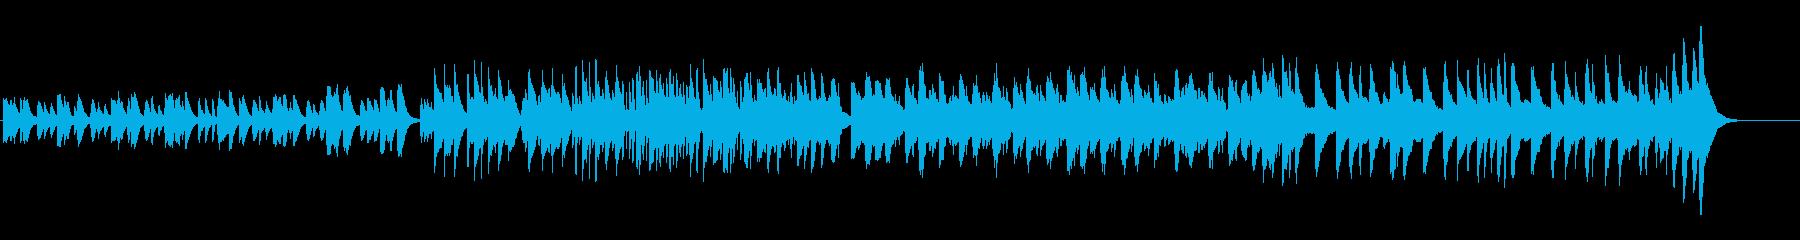 爽やかで明るいマリンバの曲の再生済みの波形